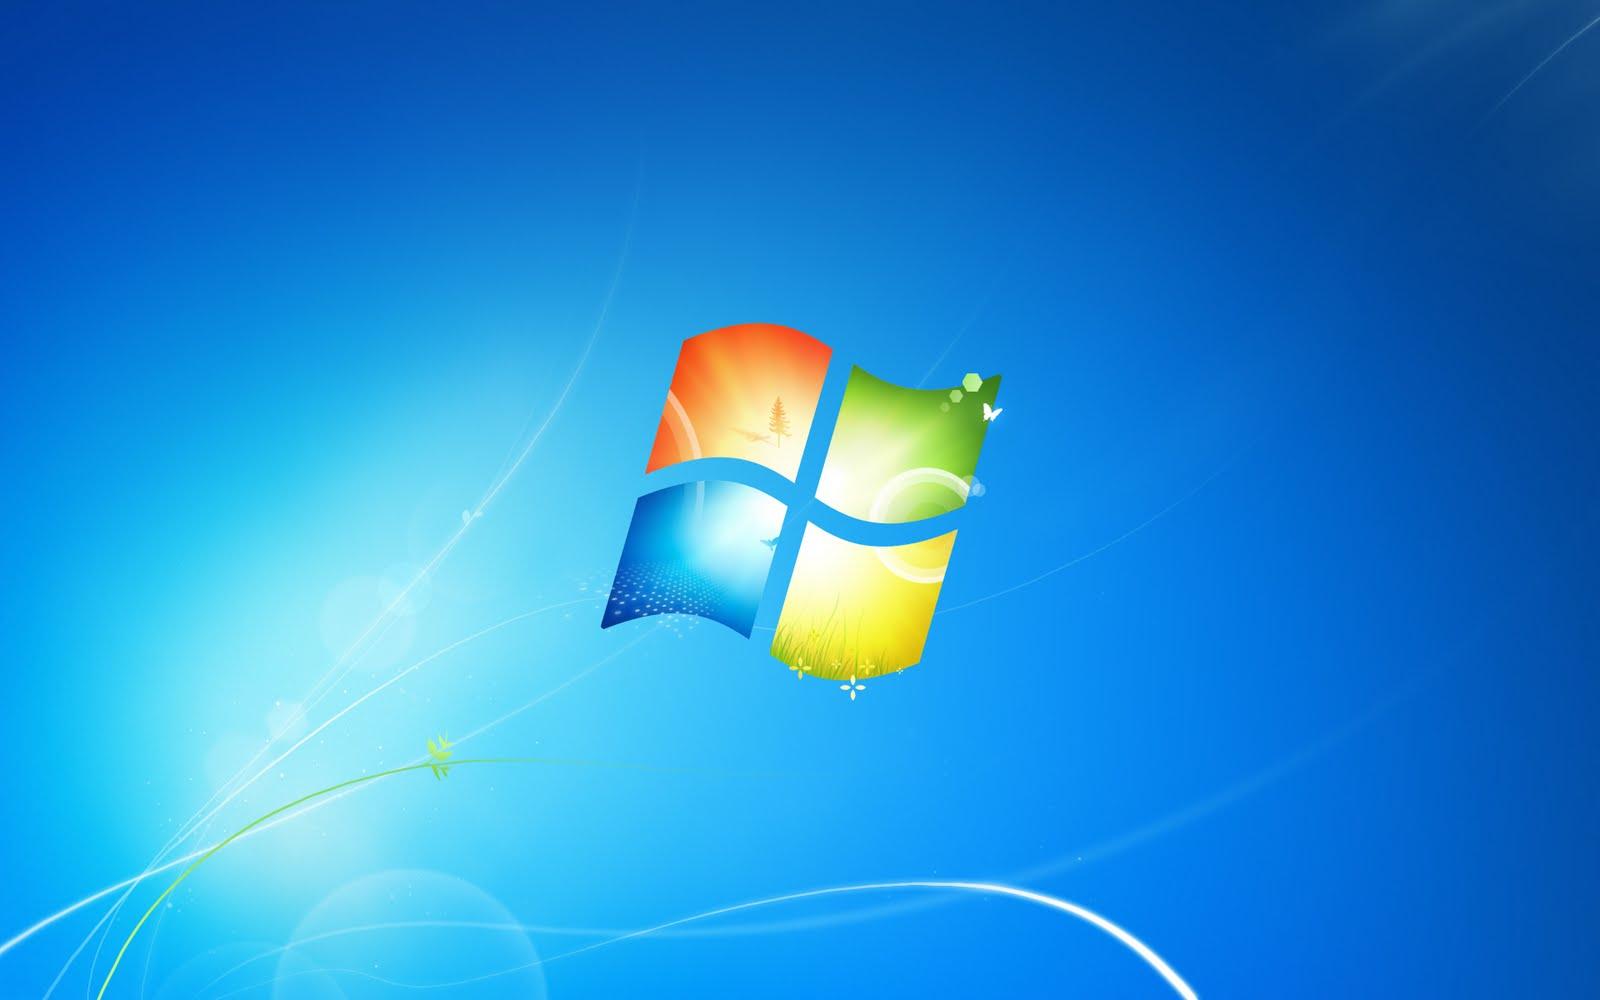 desktop backgrounds hp #6